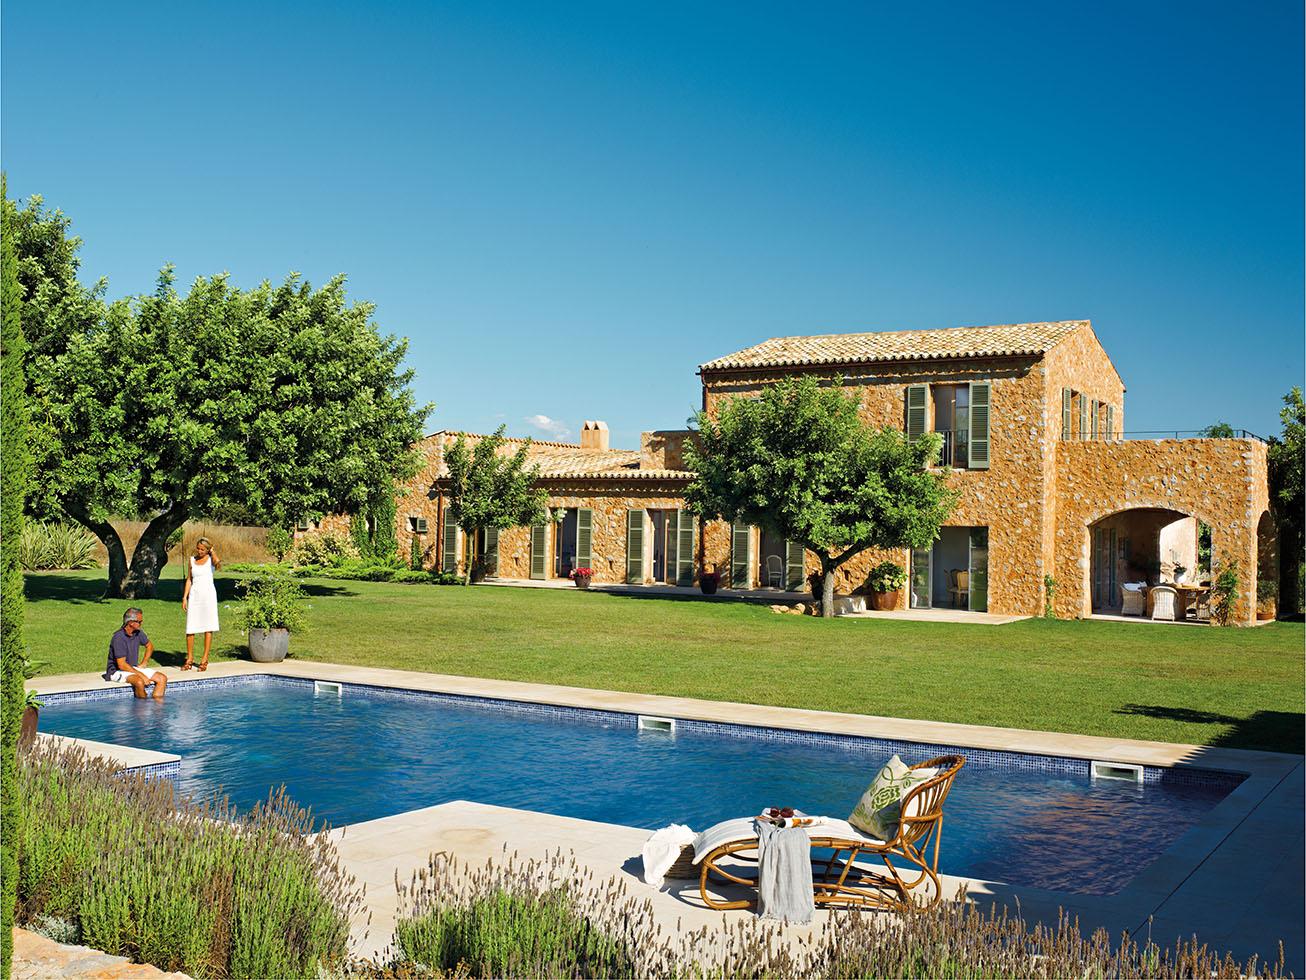 Revista casa y jardin online best saln de una casa de for Casa y jardin tienda madrid